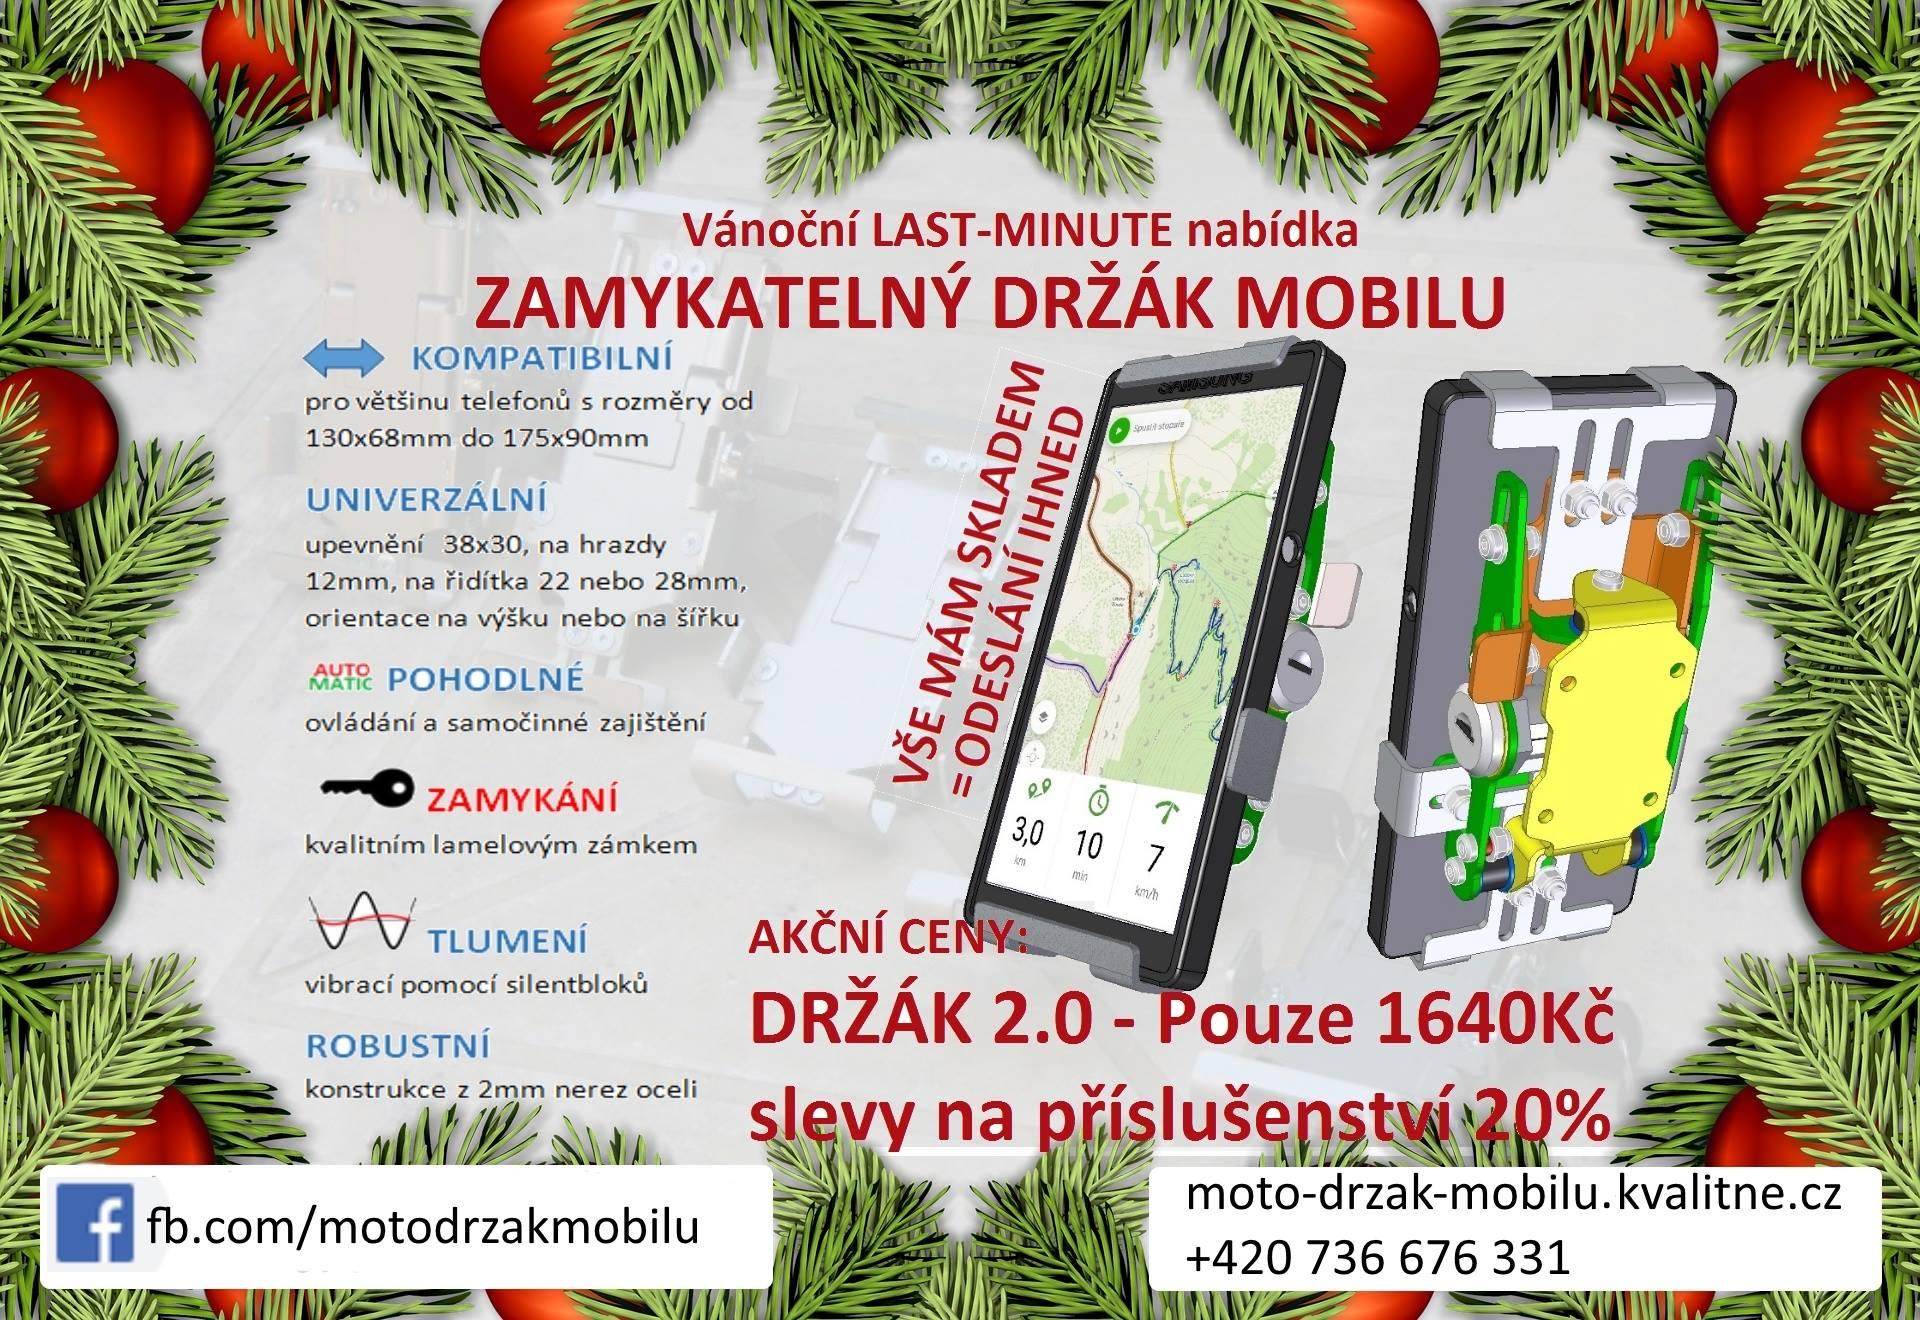 http://moto-drzak-mobilu.kvalitne.cz/wp-content/uploads/2018/12/AKCE-V%C3%A1noce1.jpg